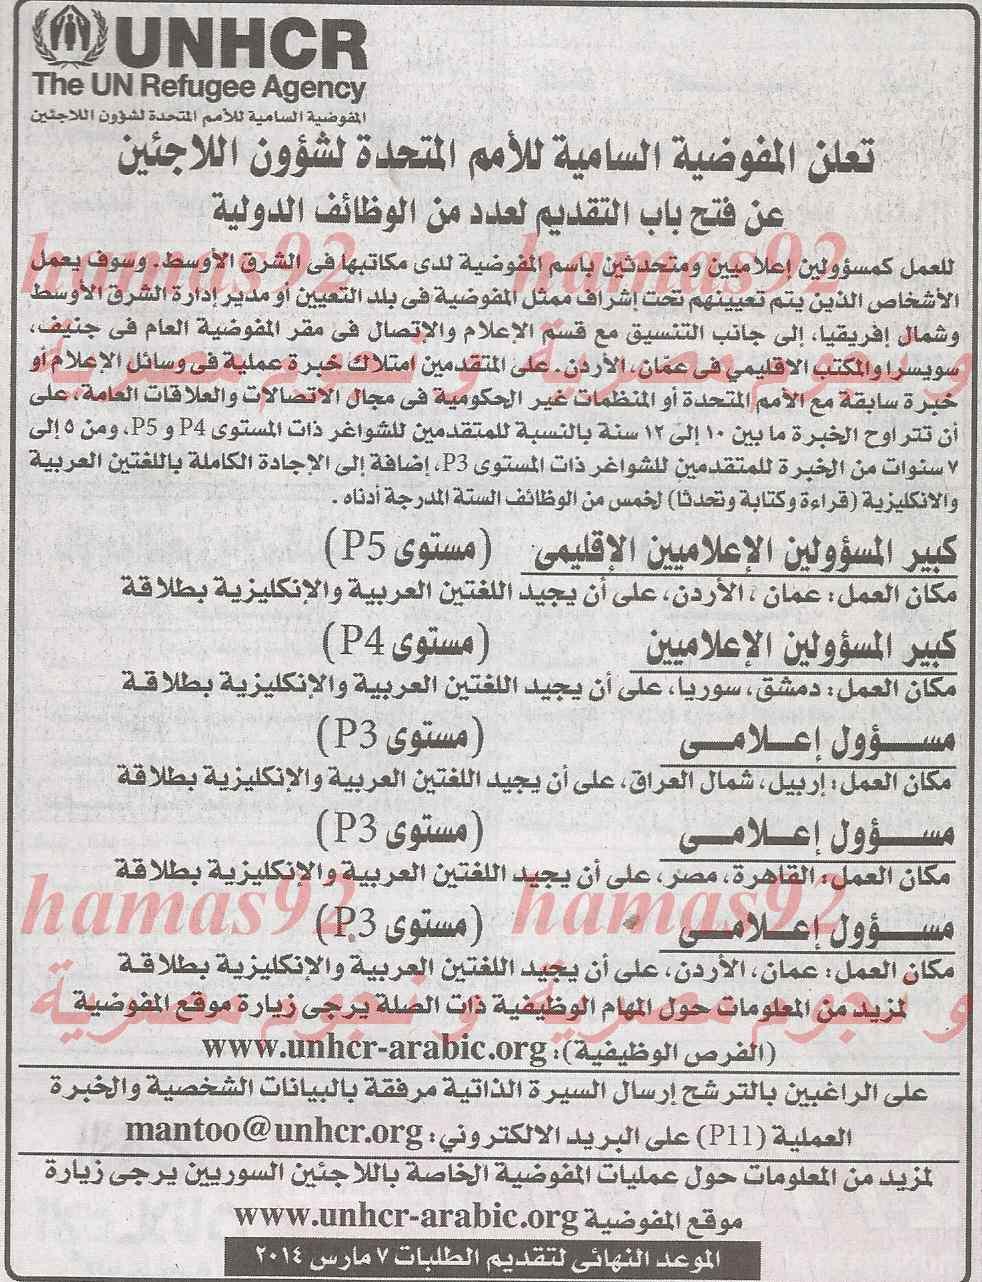 وظائف جريدة الاهرام اليوم الجمعة 28/2/2014 , وظائف خالية الاهرام اليوم 28 فبراير 2014